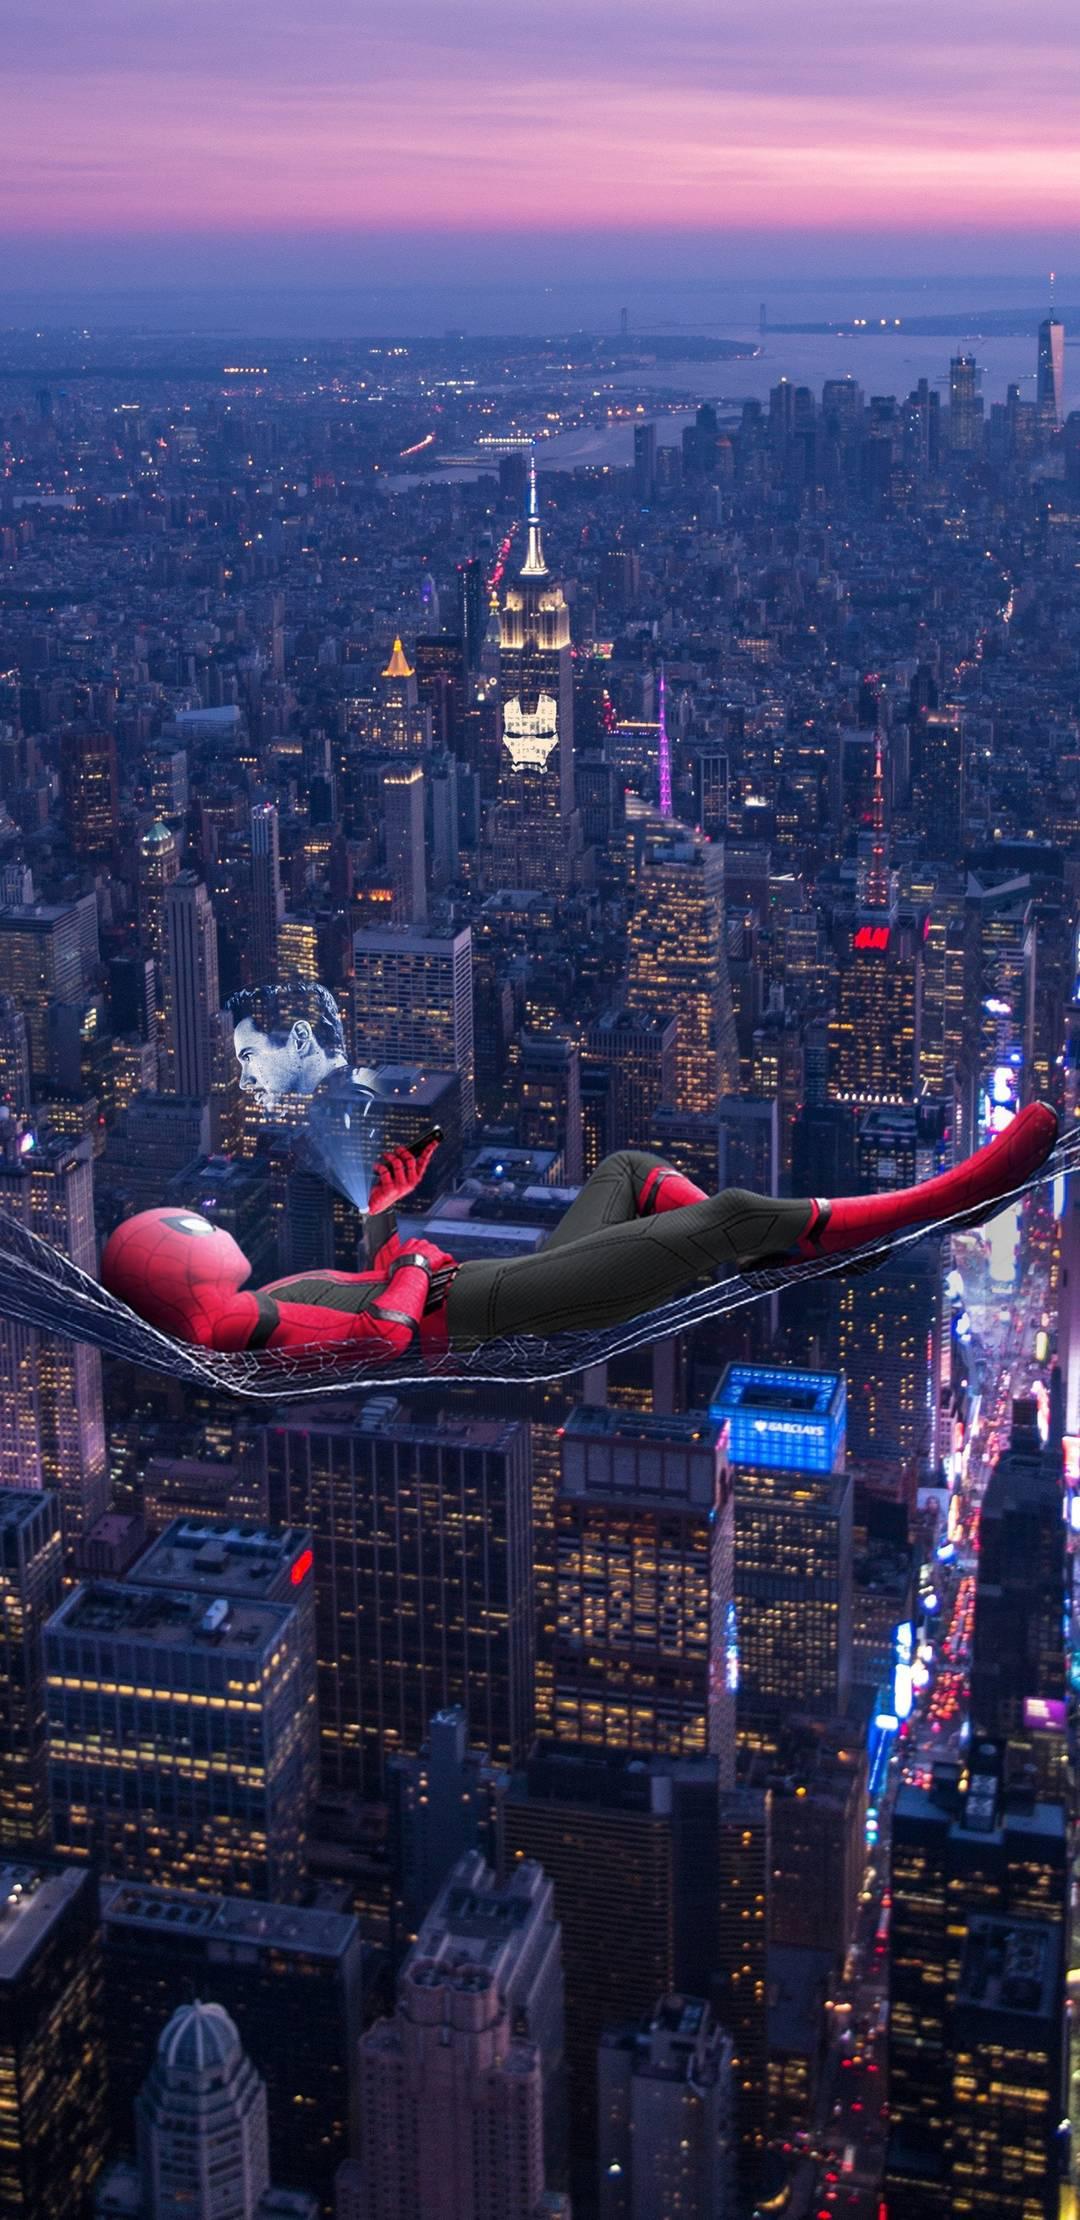 Спайдермен спайдермен ночь небоскребы город spiderman New-York